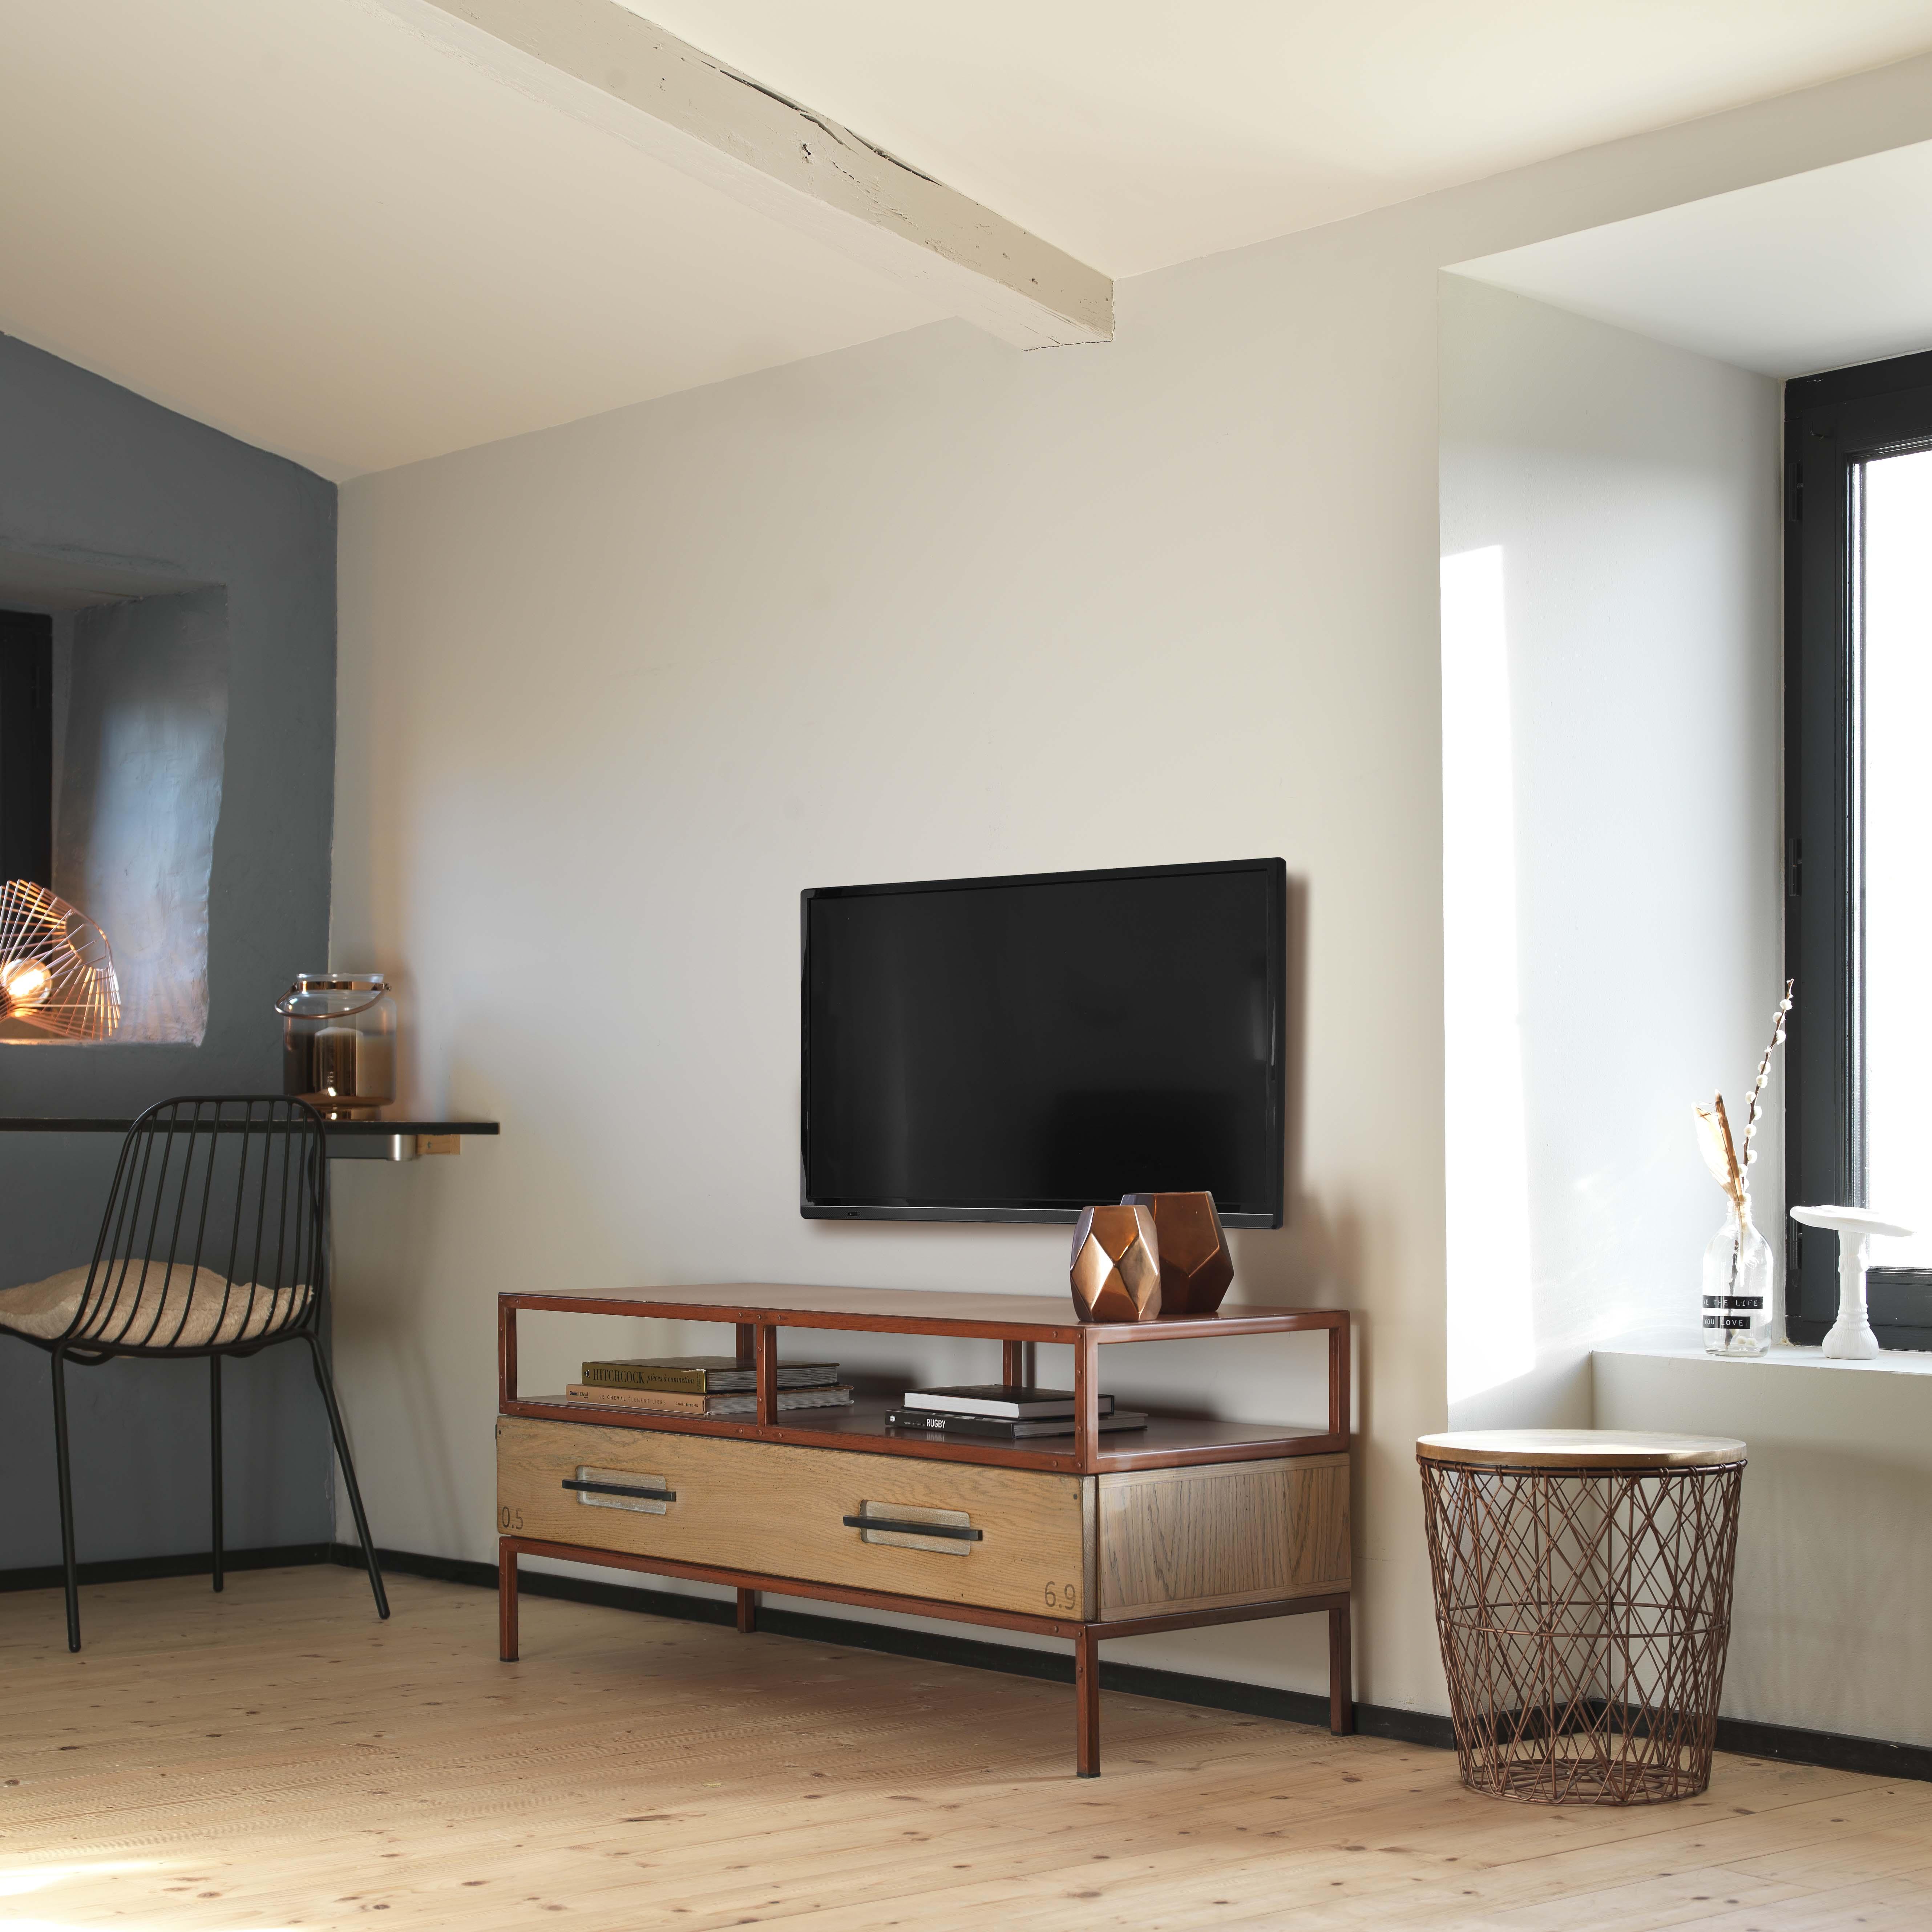 BRIS-Meuble TV 1 tiroir + 1 niche